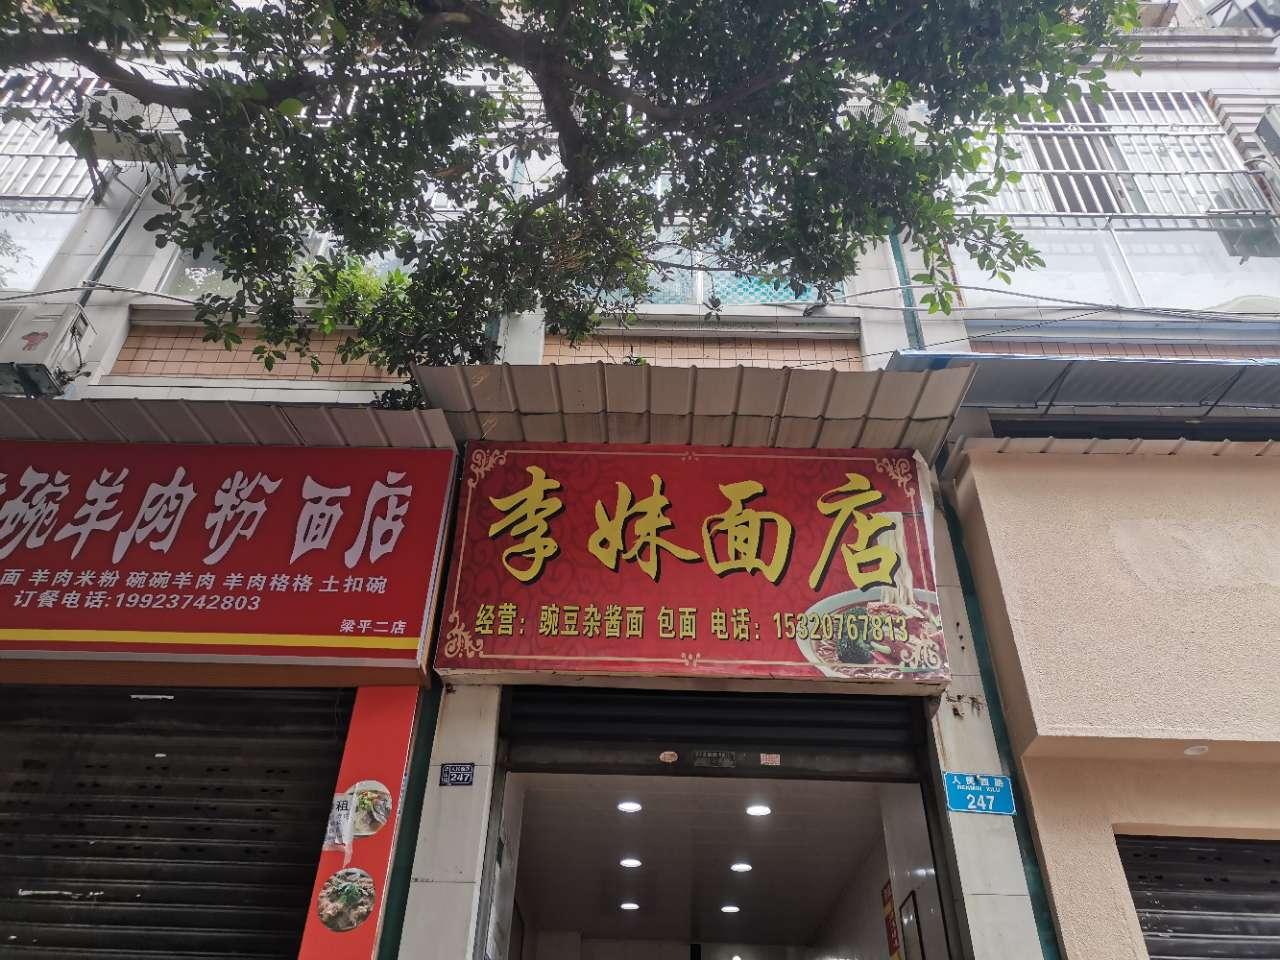 莫看这小面店,都开了35年了!很多光鲜的门市,还比不了这小店